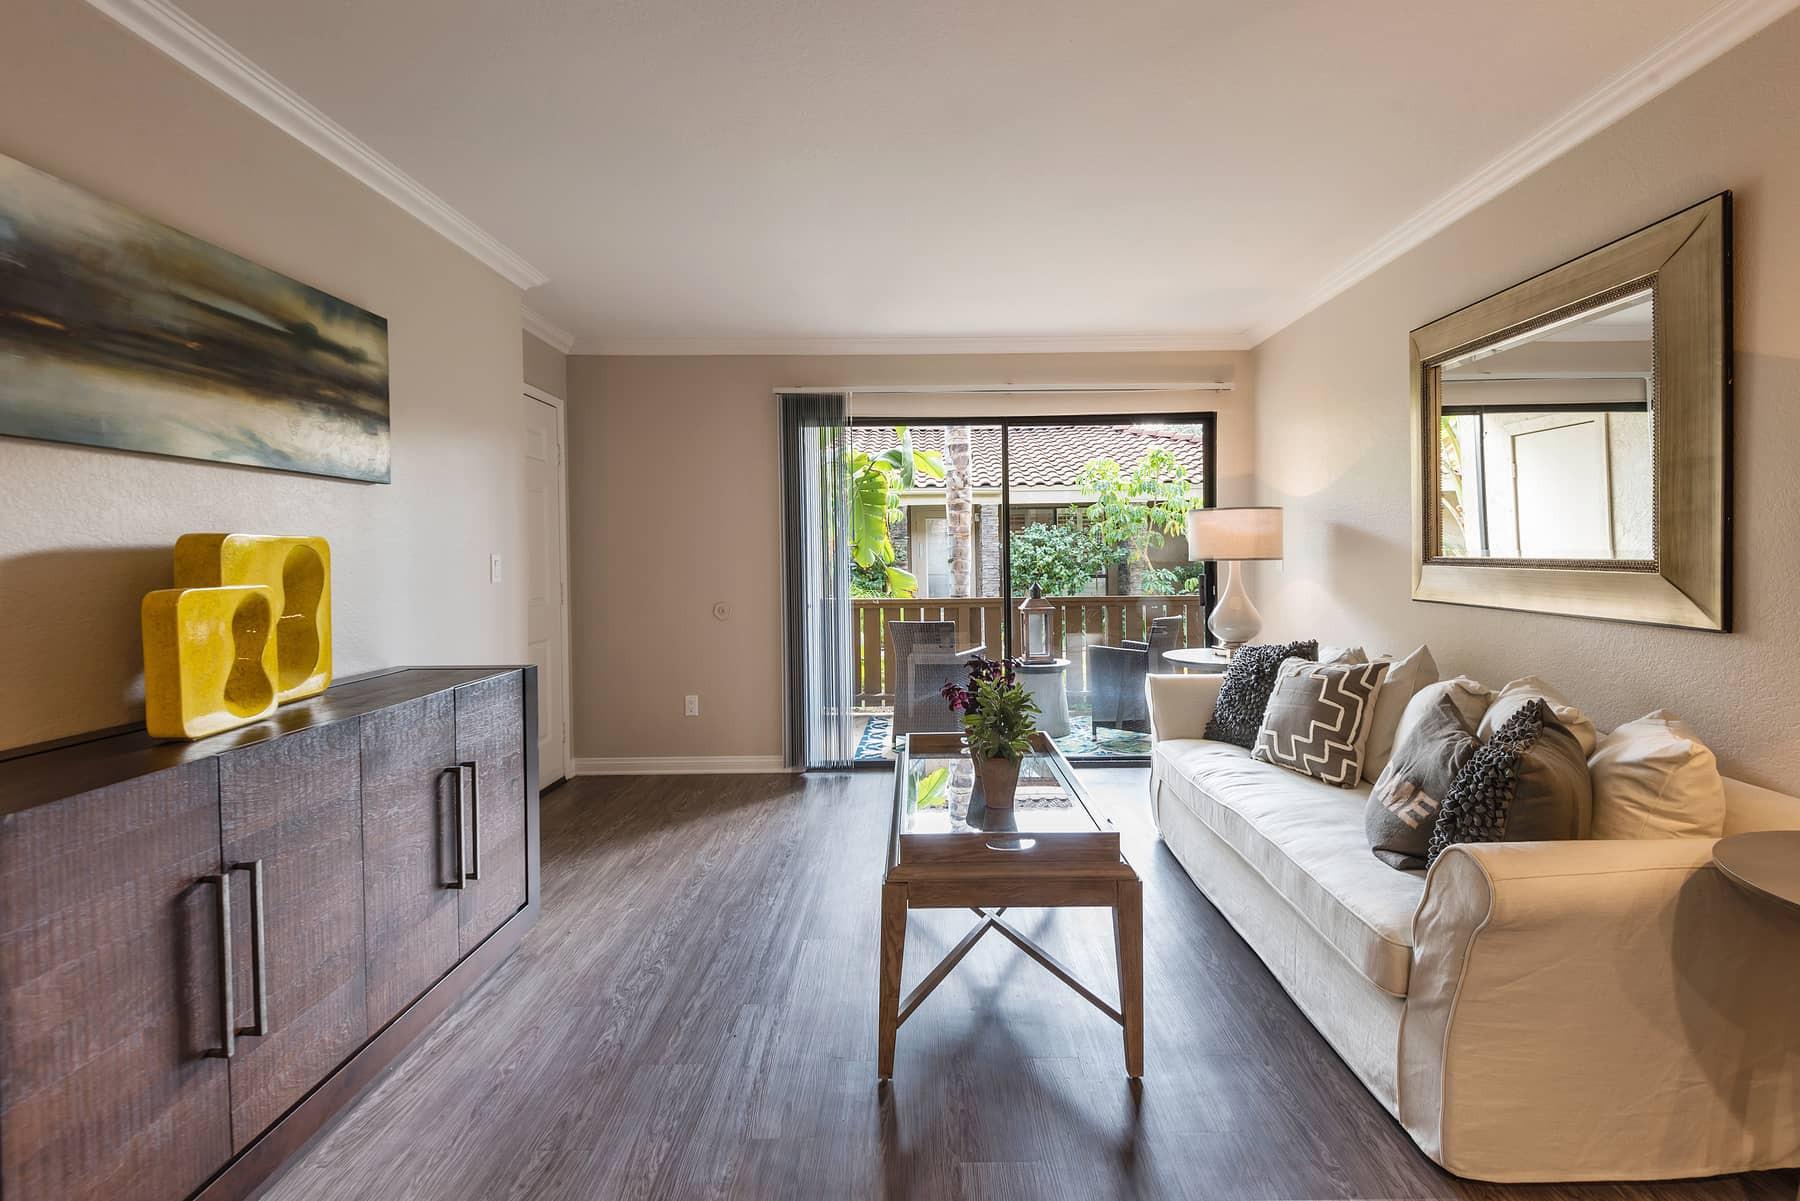 The Villas at Woodranch Apartments